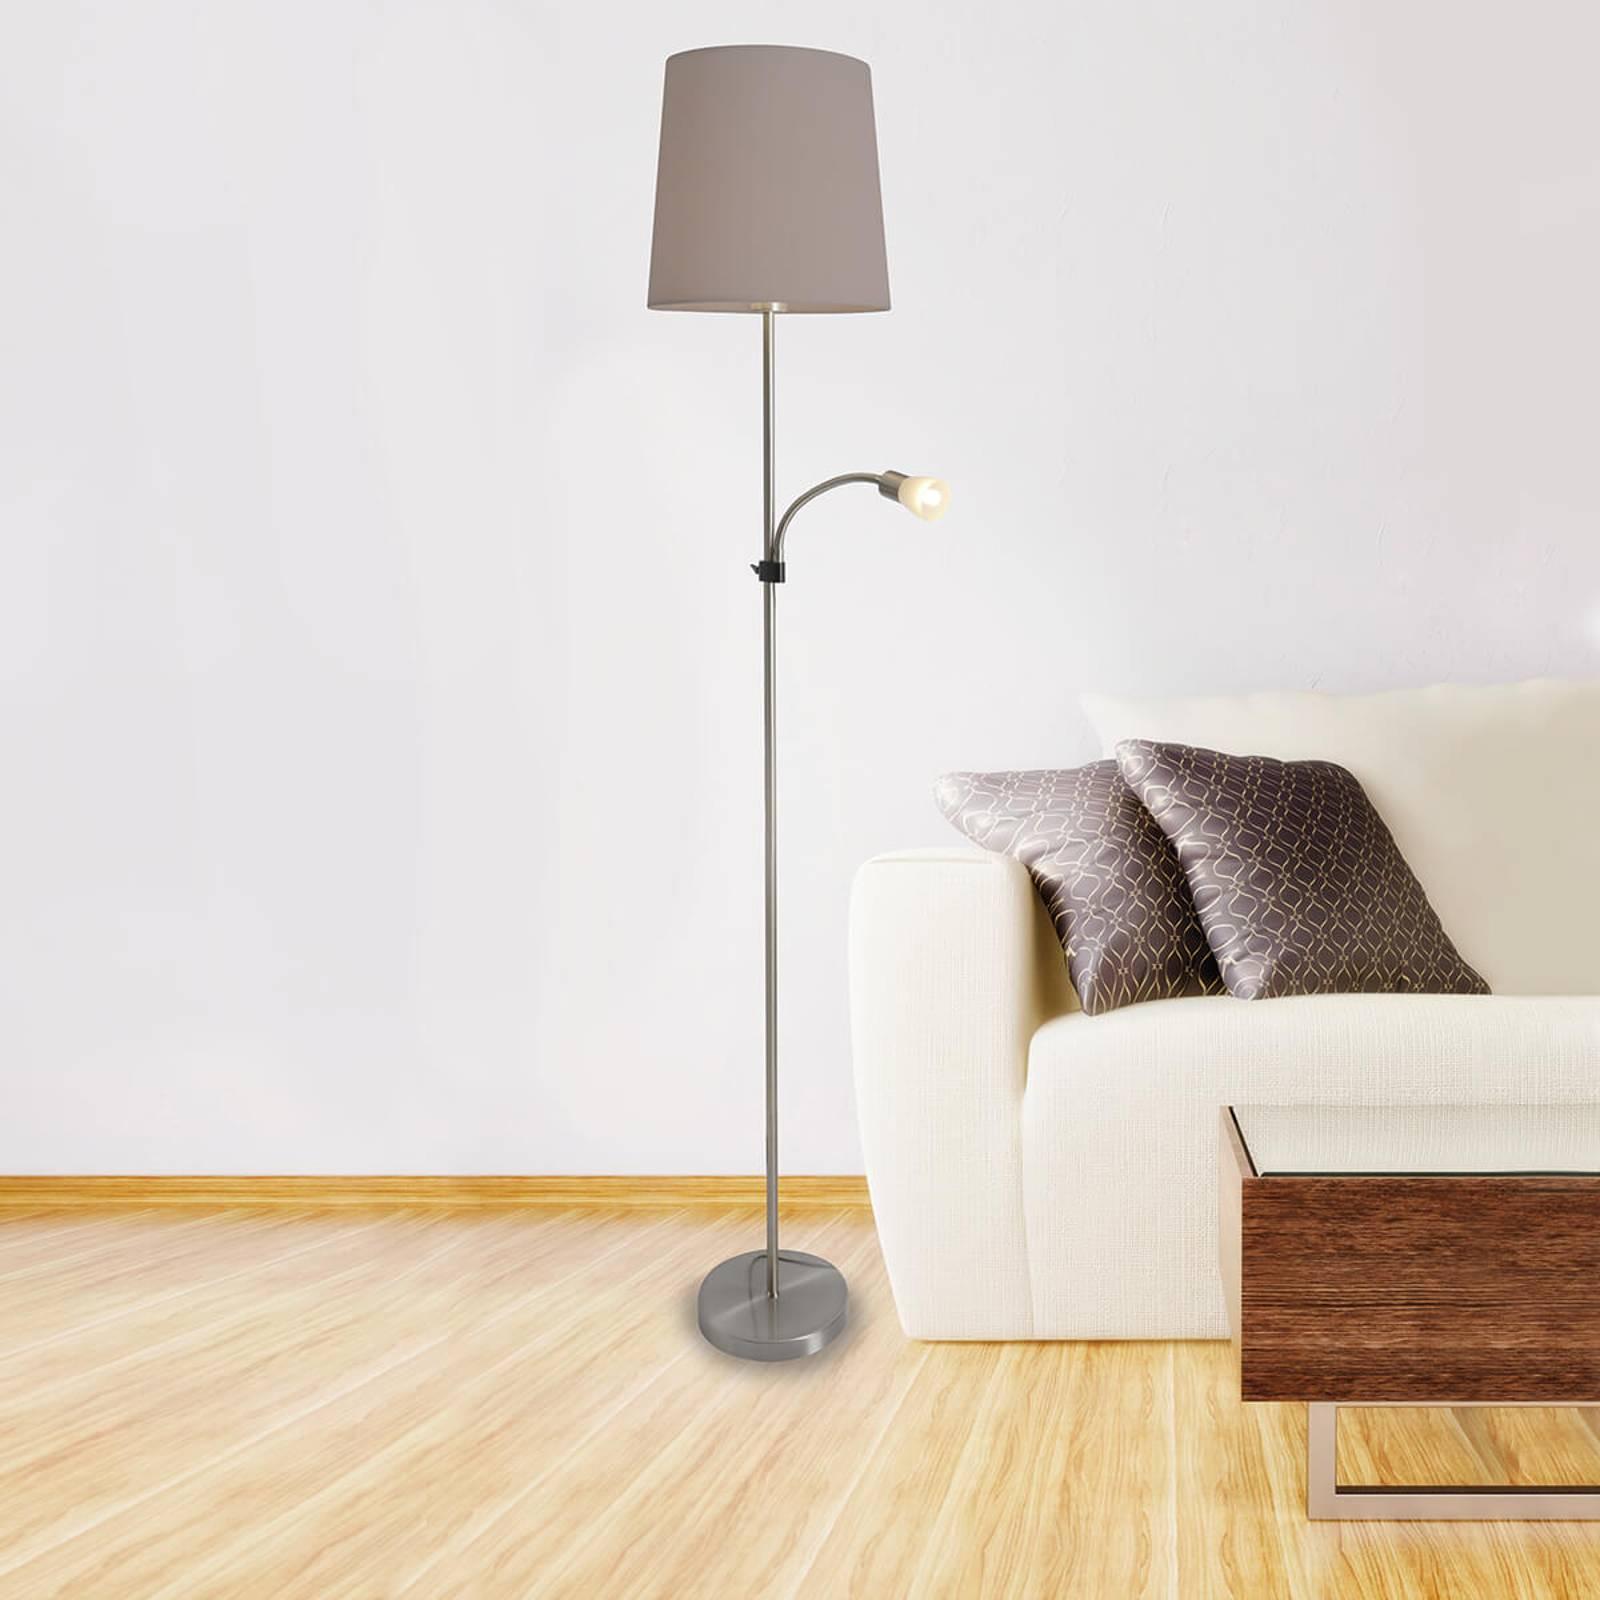 stehlampen von naeve leuchten und andere lampen f r wohnzimmer online kaufen bei m bel garten. Black Bedroom Furniture Sets. Home Design Ideas